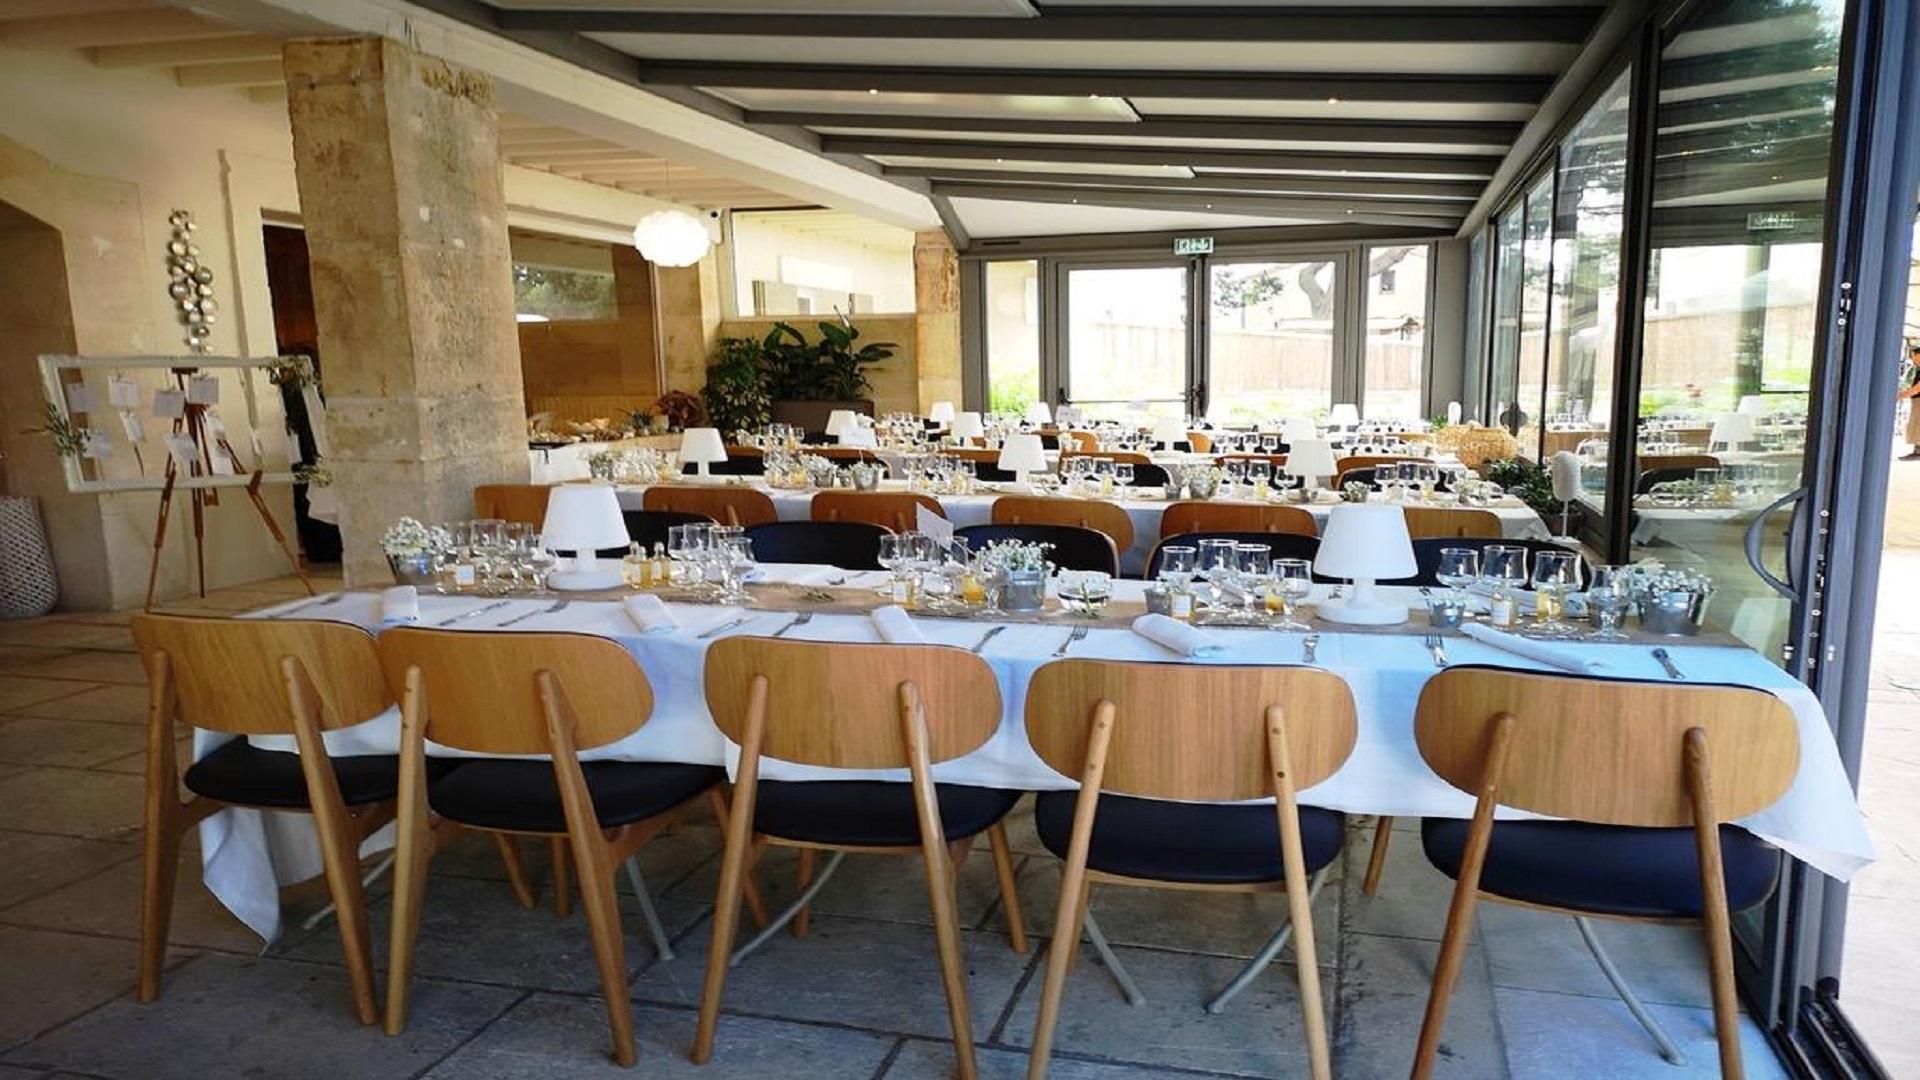 hotel-belesso-baux-de-provence-fontvieille-restaurant-seminaires-de-caractere